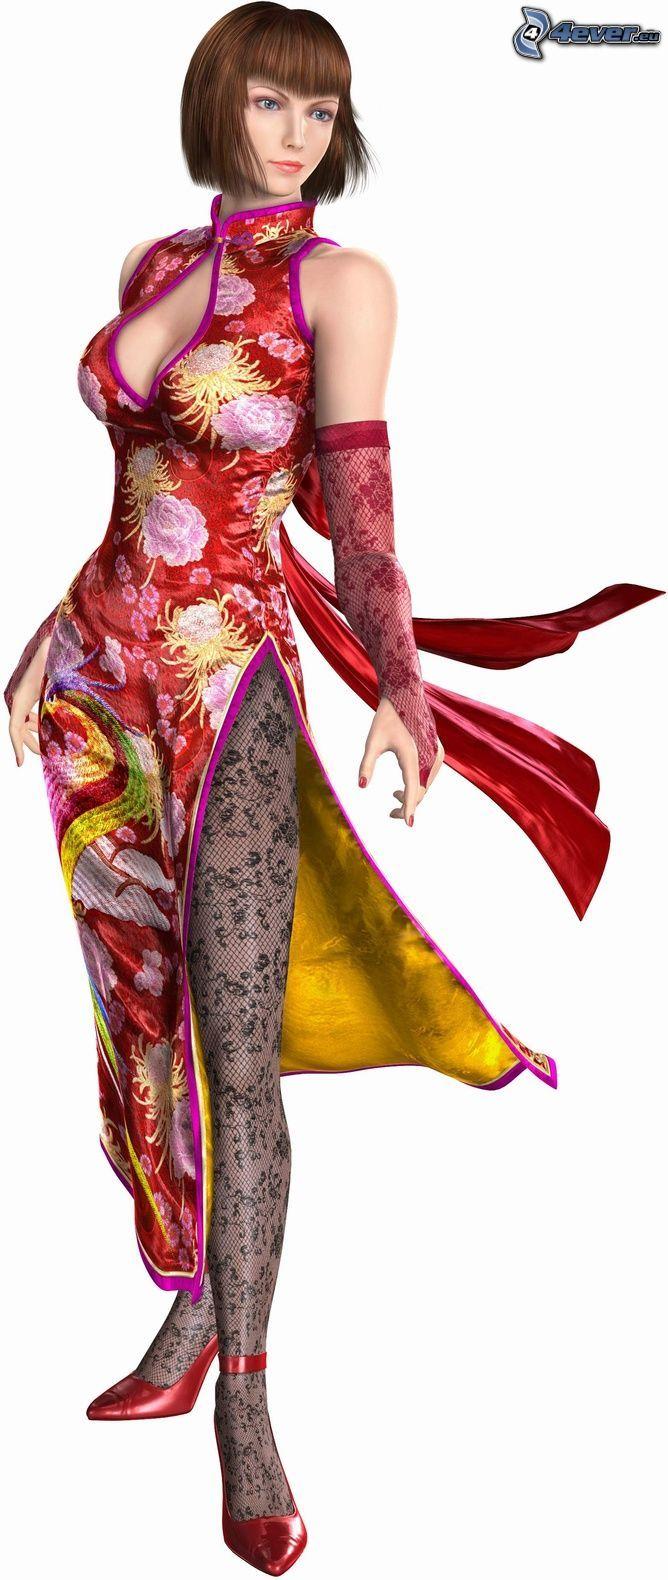 tecknad kvinna, röd klänning